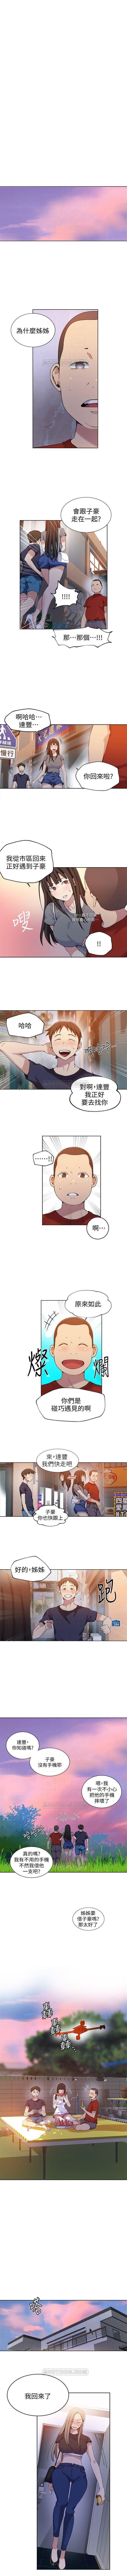 (週6)秘密教學  1-35 中文翻譯 (更新中) 194